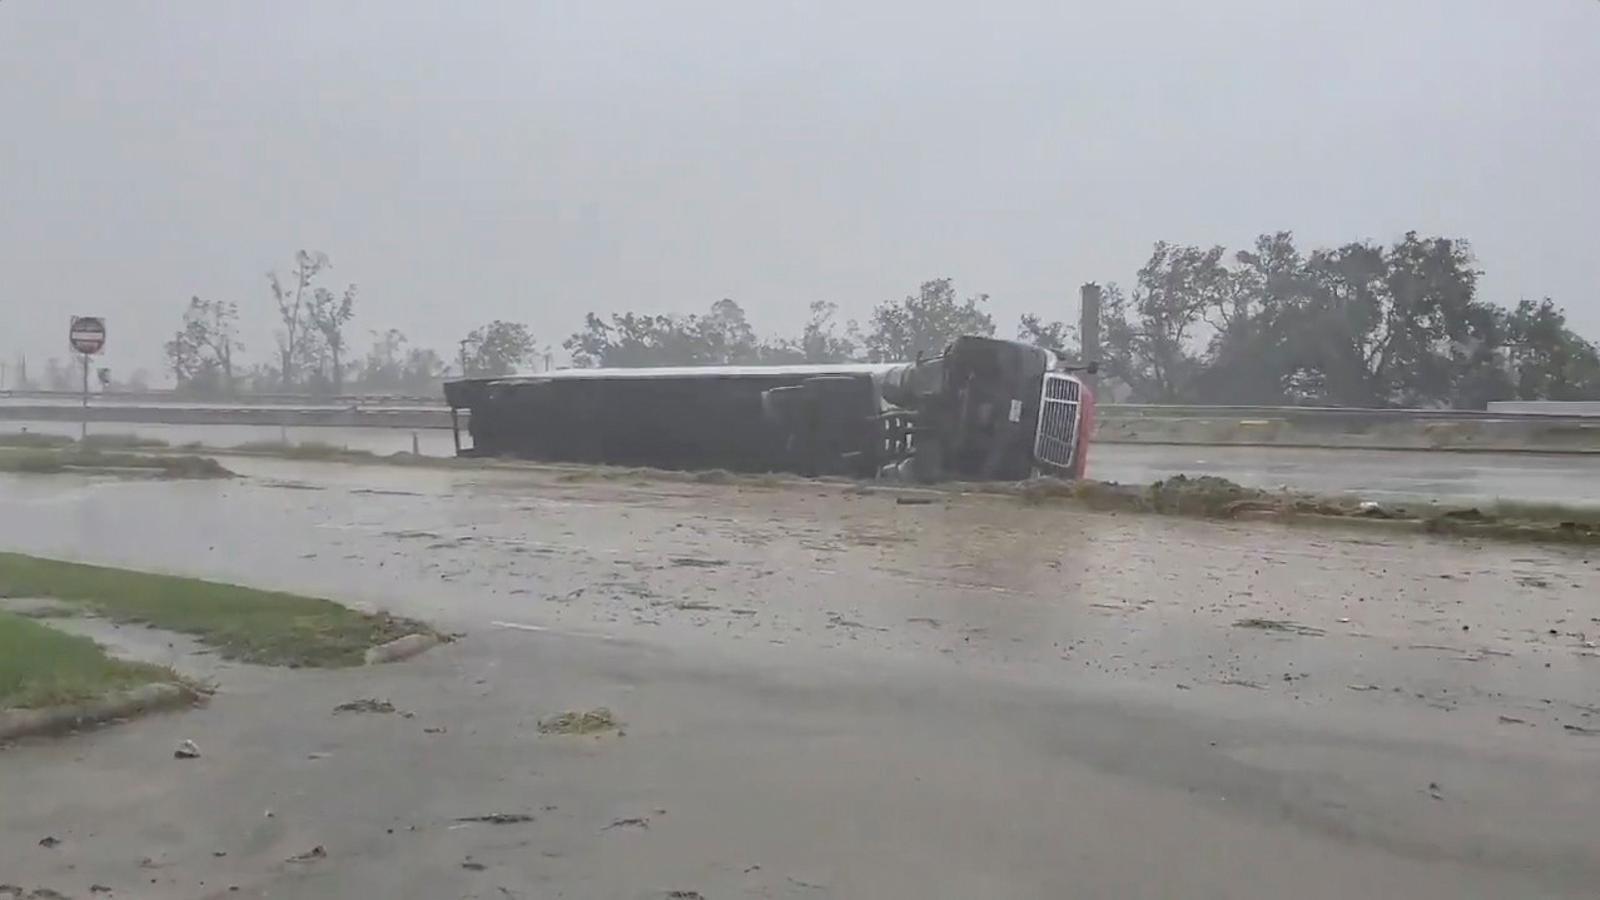 Un camió bolcat a causa de les fortes ventades a Lake Charles, Louisiana